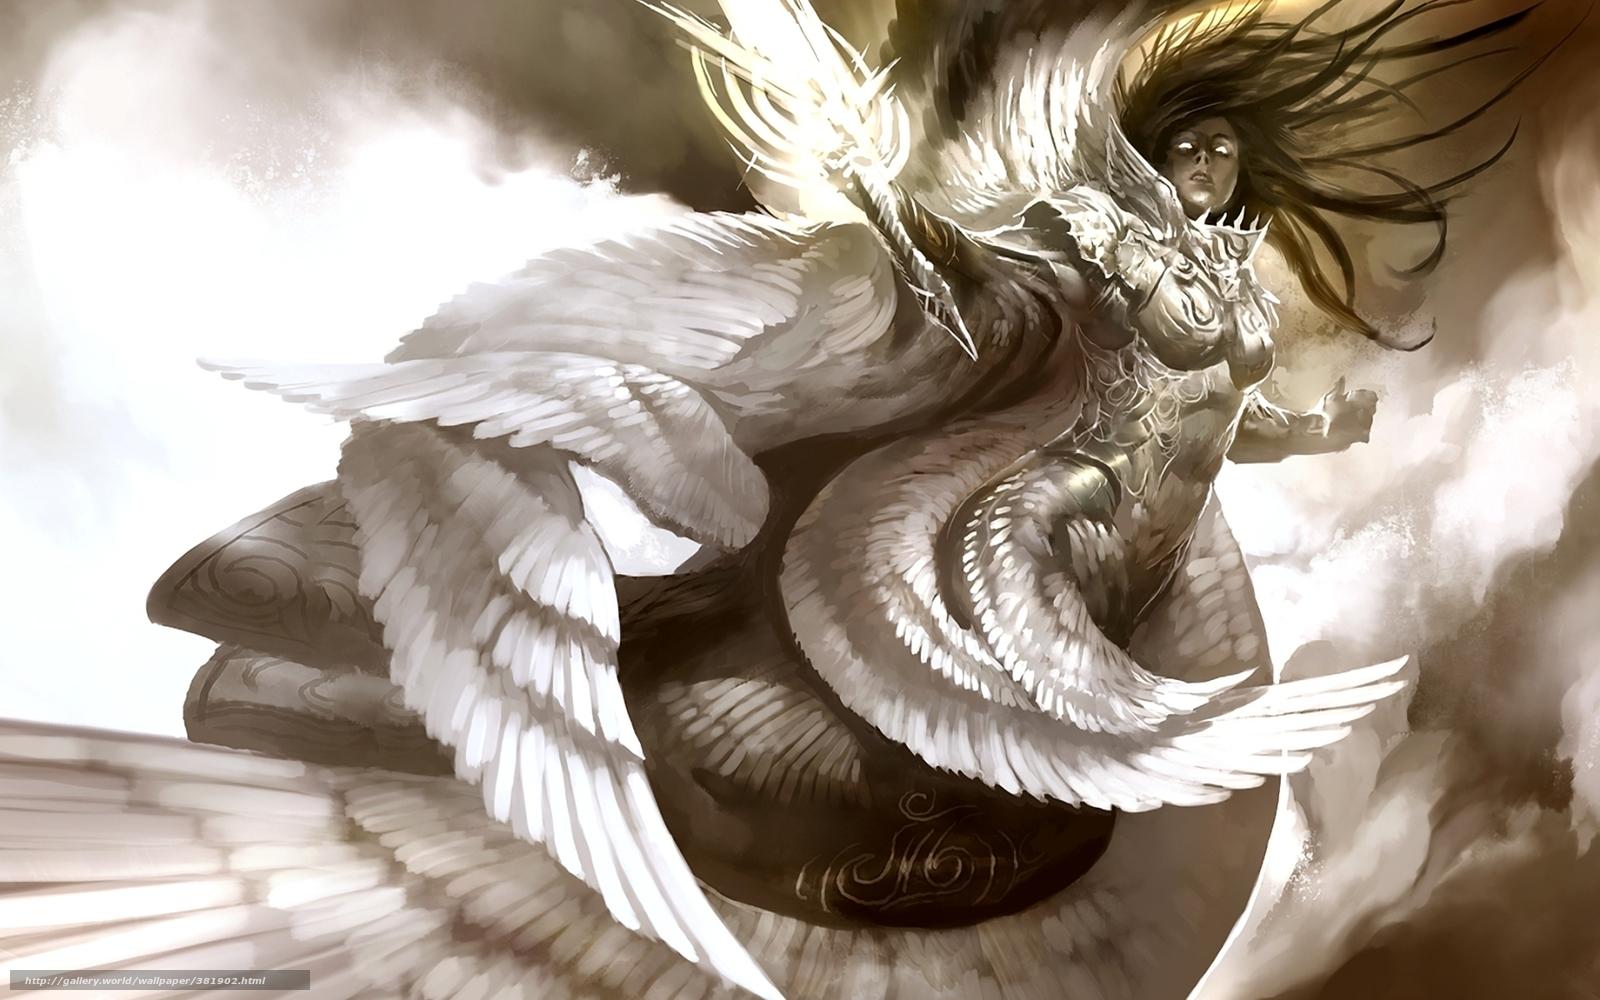 http://st.gdefon.com/wallpapers_original/wallpapers/381902_angel_devushka_dospexi_mech_krylya_polet_zamax_vzg_1680x1050_(GdeFon.ru).jpg